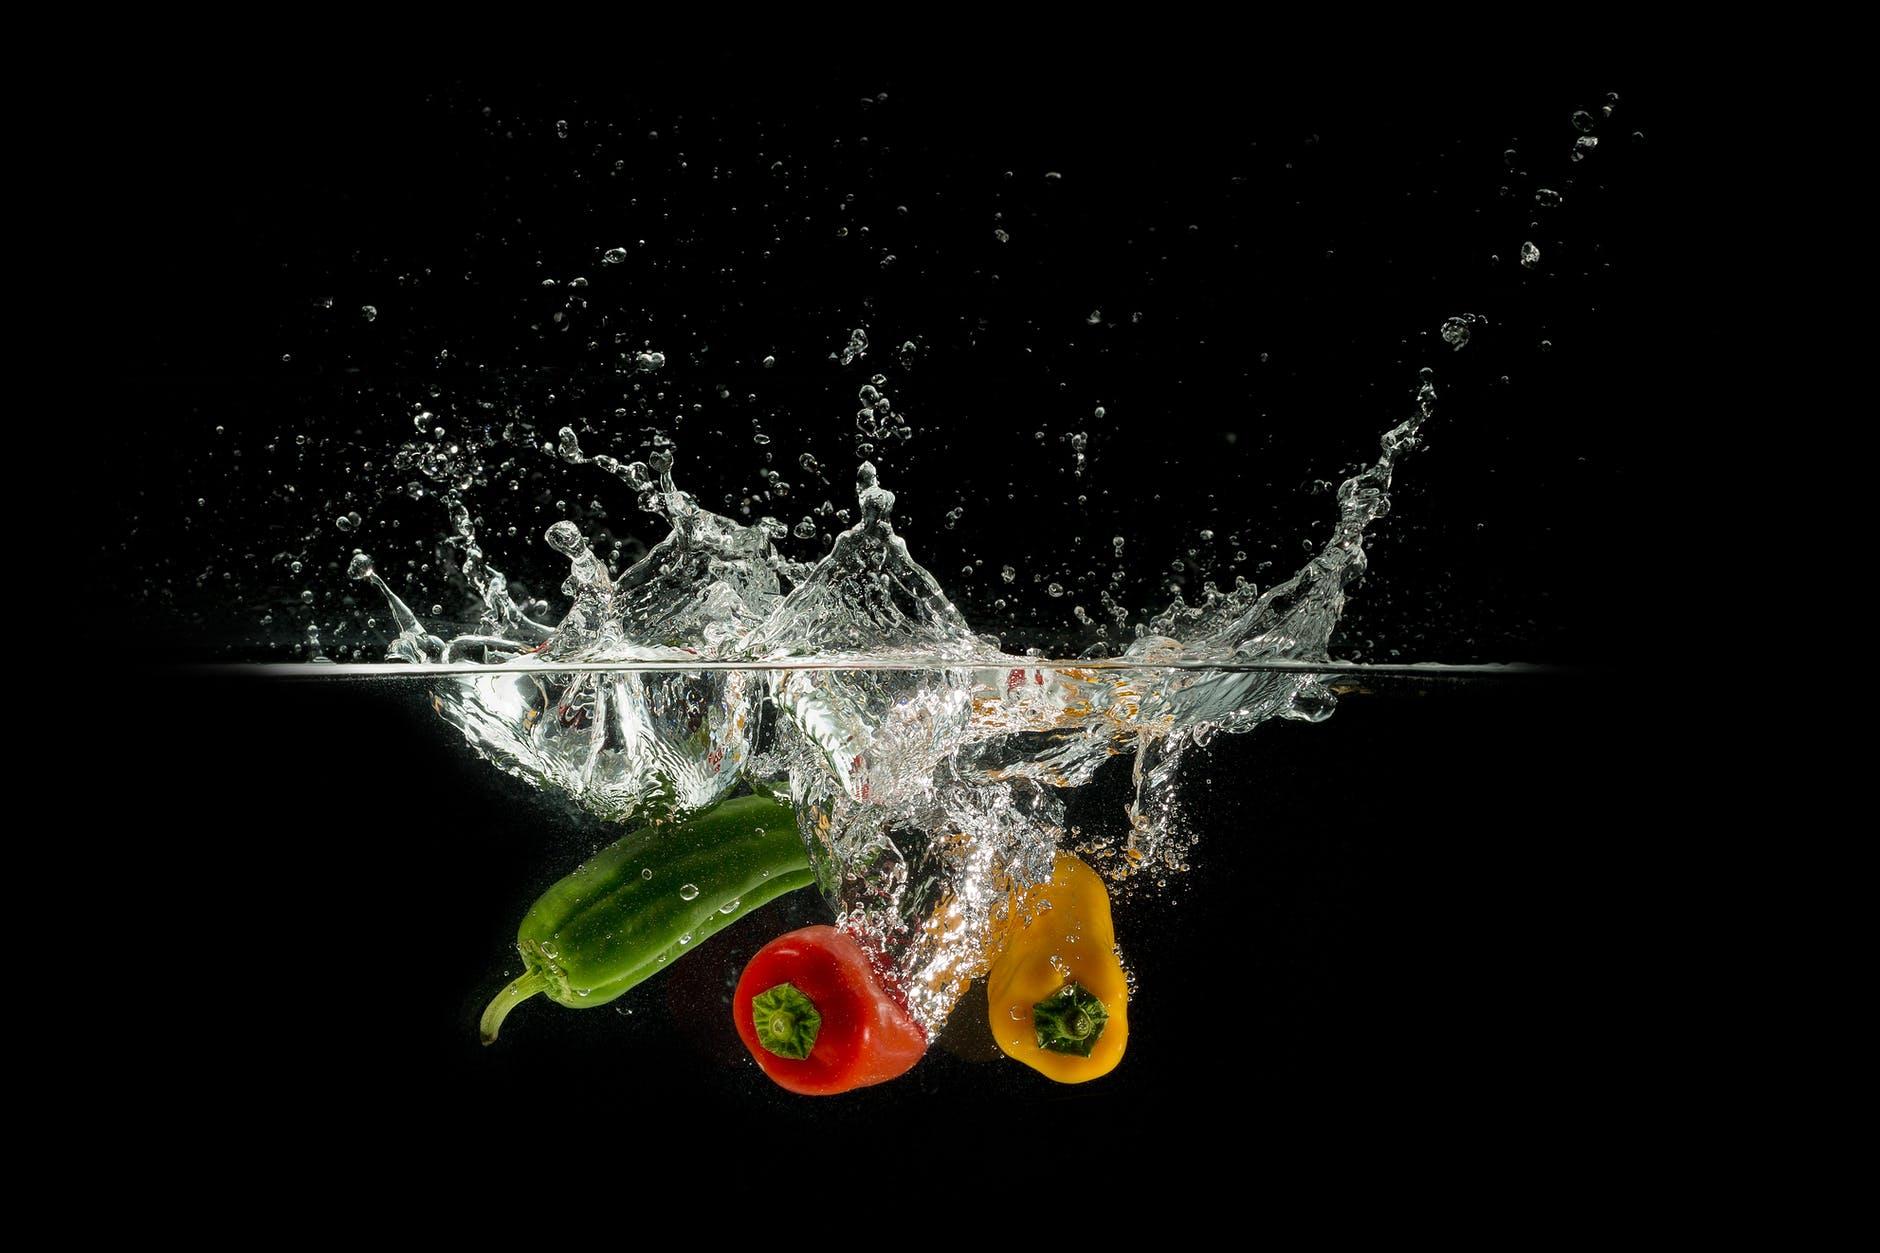 INTOLLERANZE alimentari. Realtà o BUFALE?